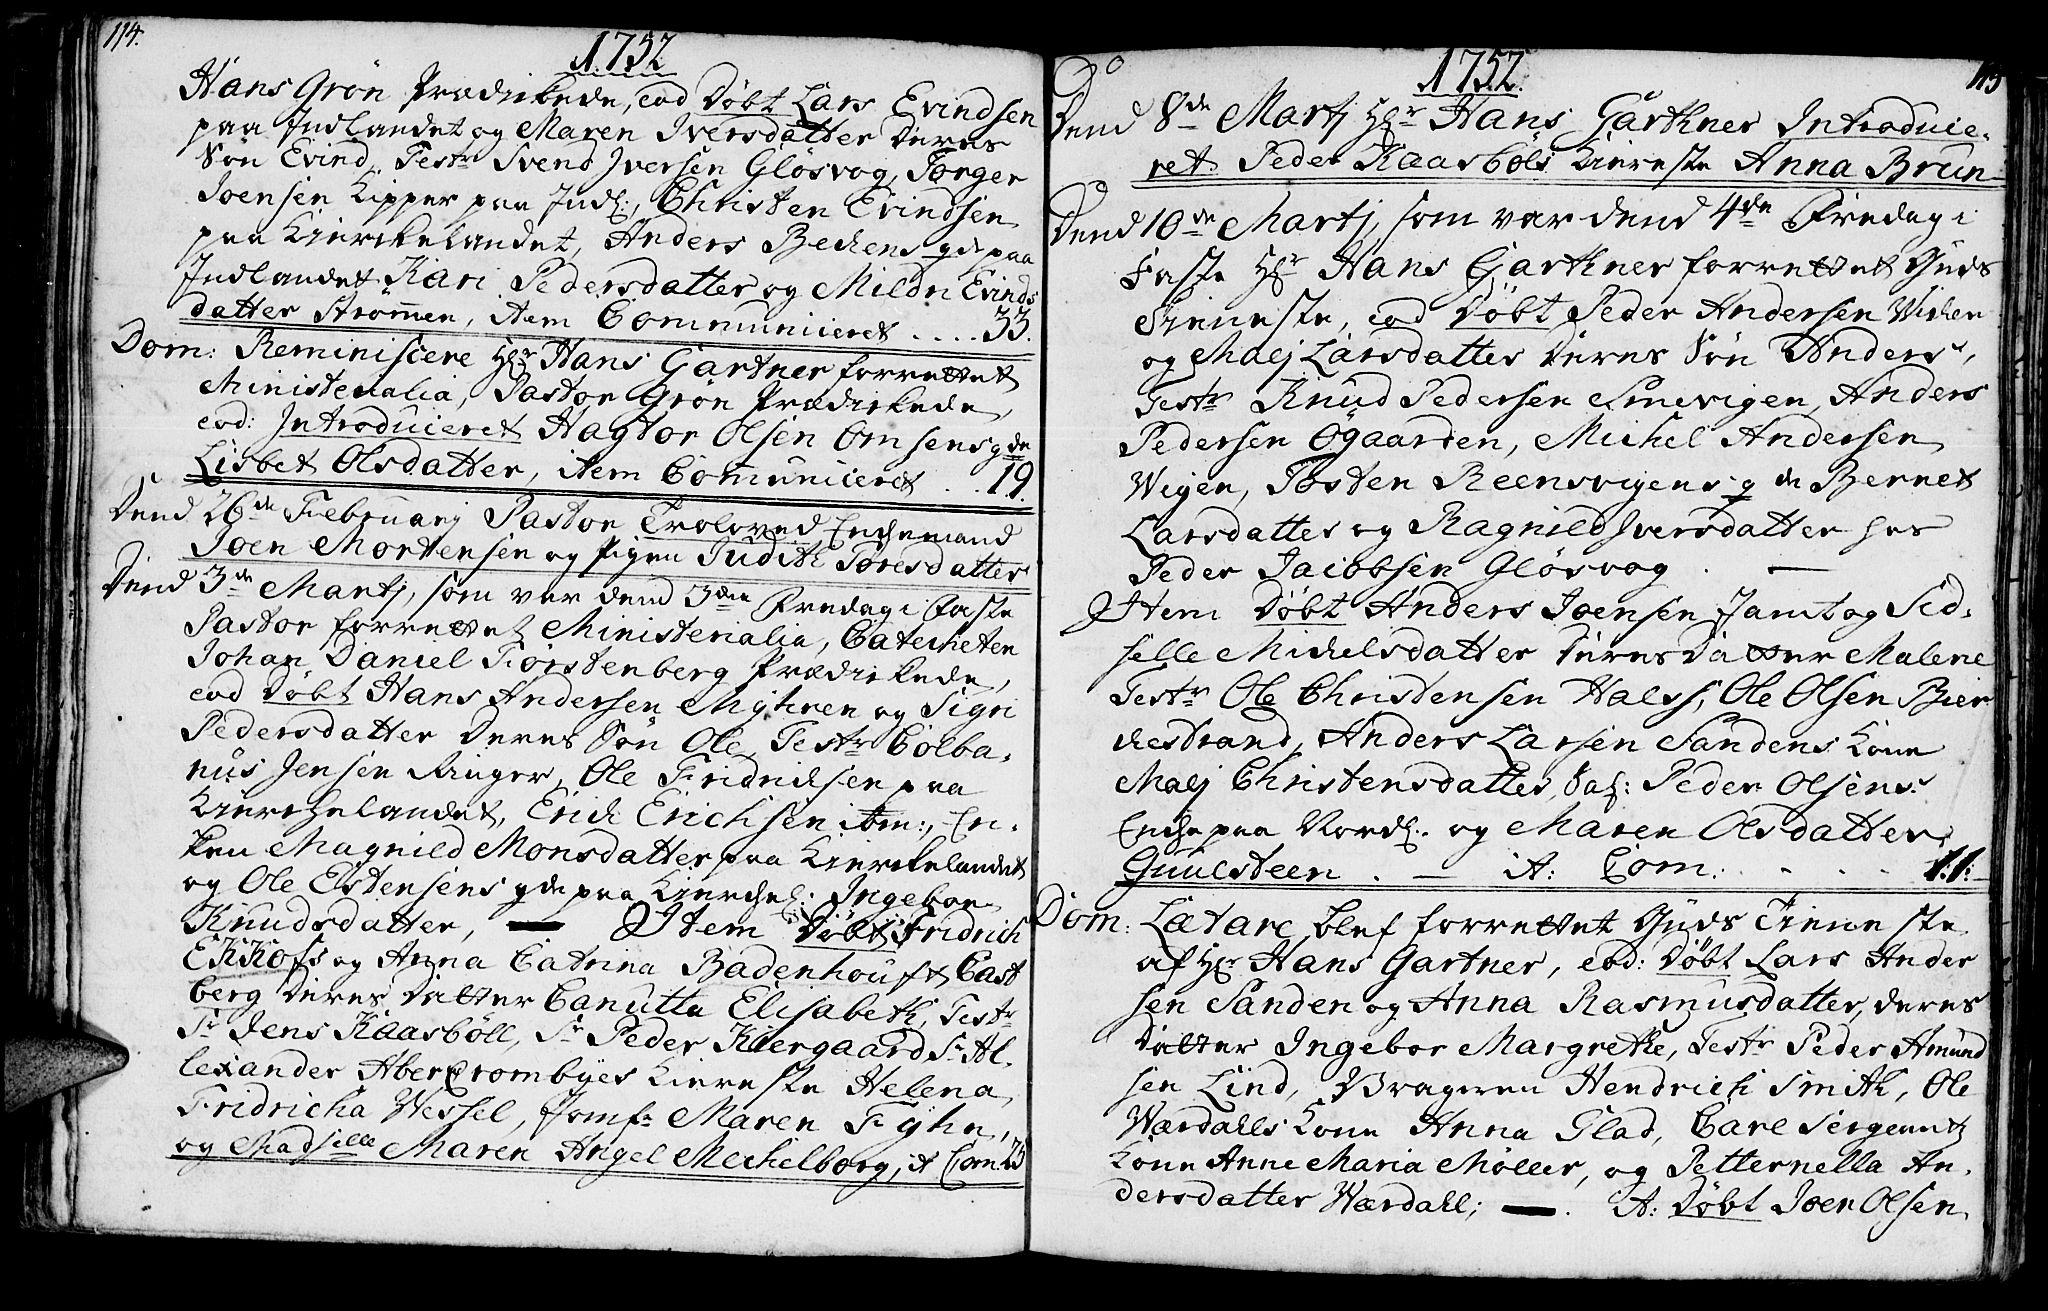 SAT, Ministerialprotokoller, klokkerbøker og fødselsregistre - Møre og Romsdal, 572/L0839: Parish register (official) no. 572A02, 1739-1754, p. 114-115